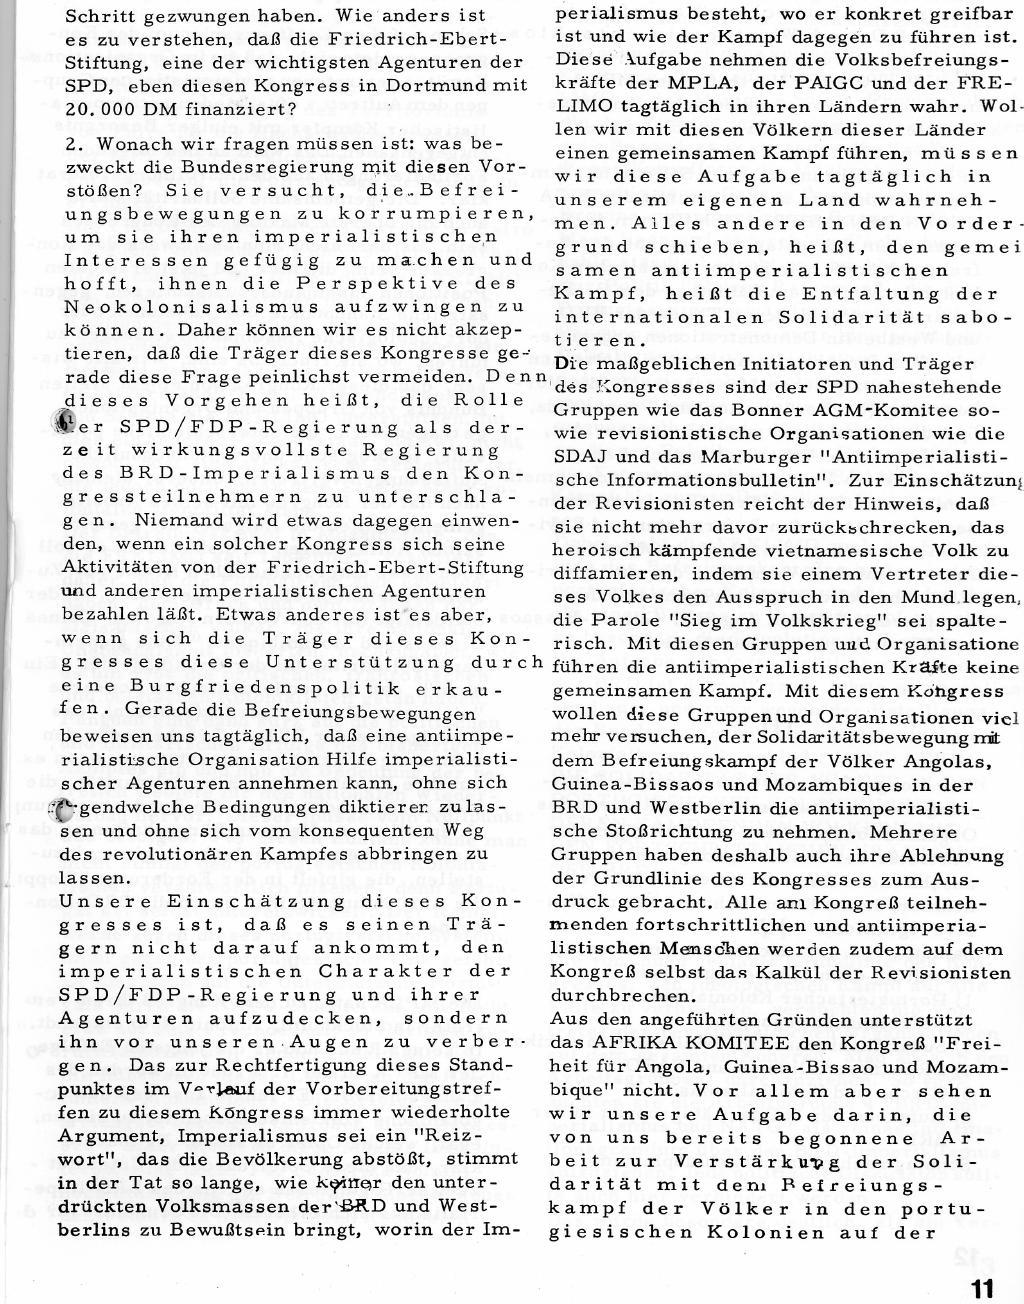 RPK_1973_003_004_11